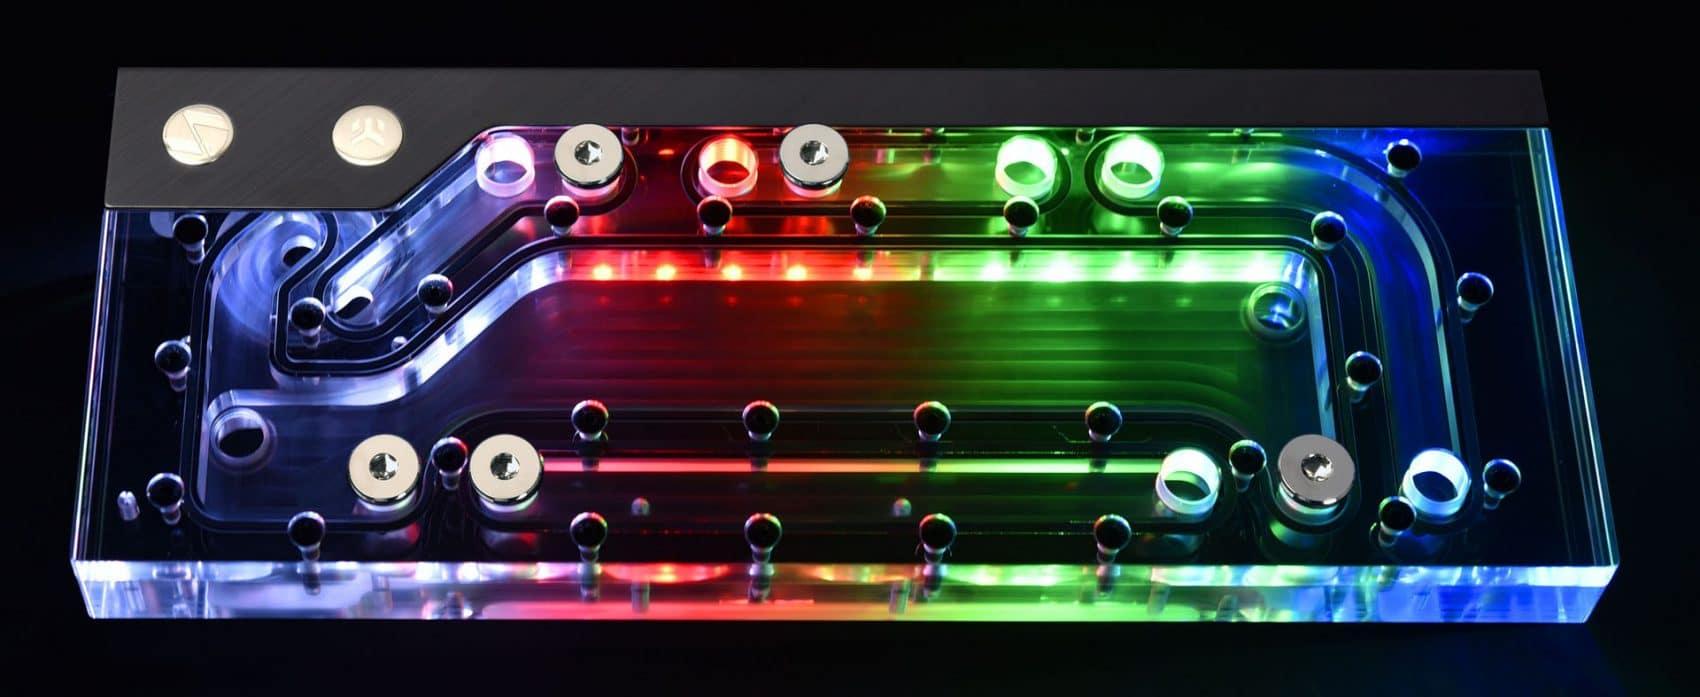 Lian Li EKWB Distro-Plate G1 RGB